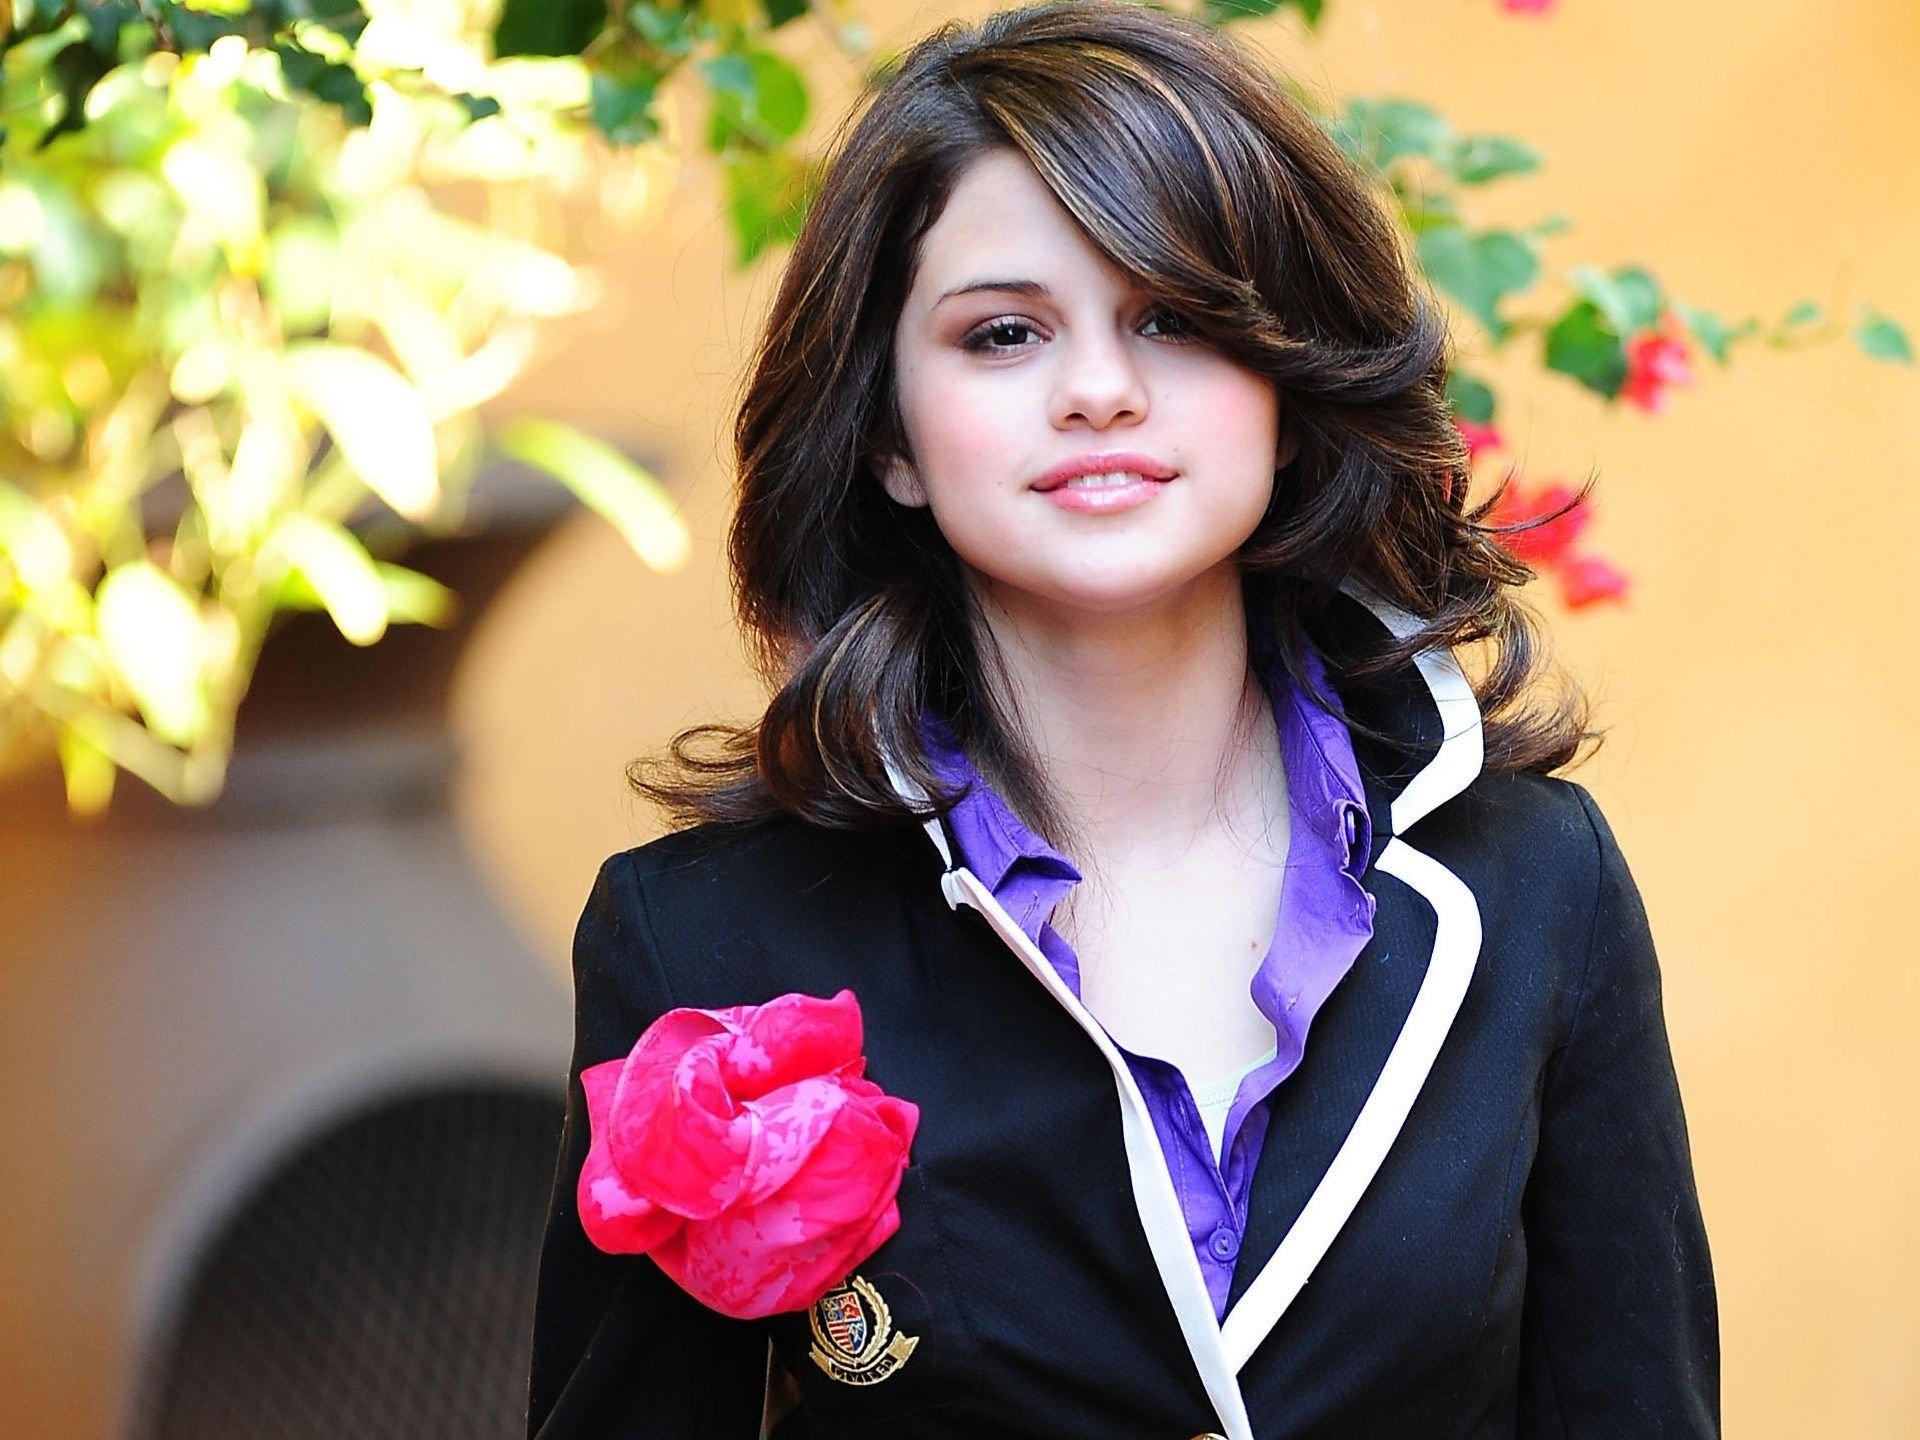 Biografia e carreira 1992 1999 Nascimento e infância Selena Gomez é filha única de Ricardo Joel Gomez e Amanda Mandy Cornett uma atriz de teatro antigo que